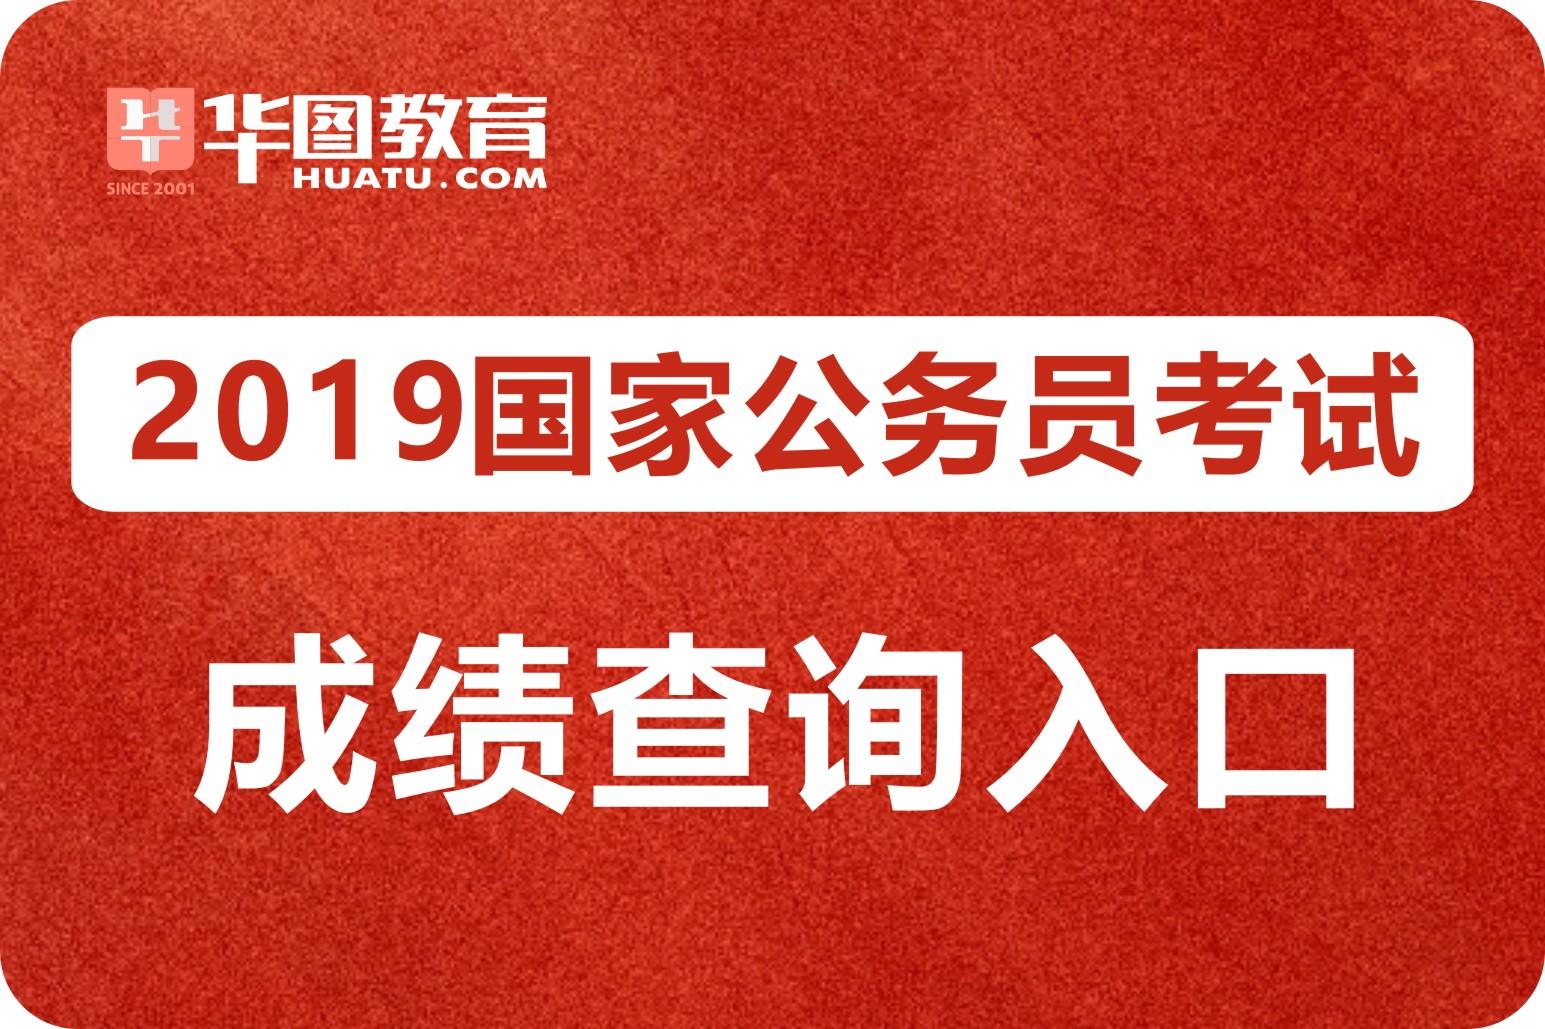 http://www.jiaokaotong.cn/gongwuyuan/187630.html